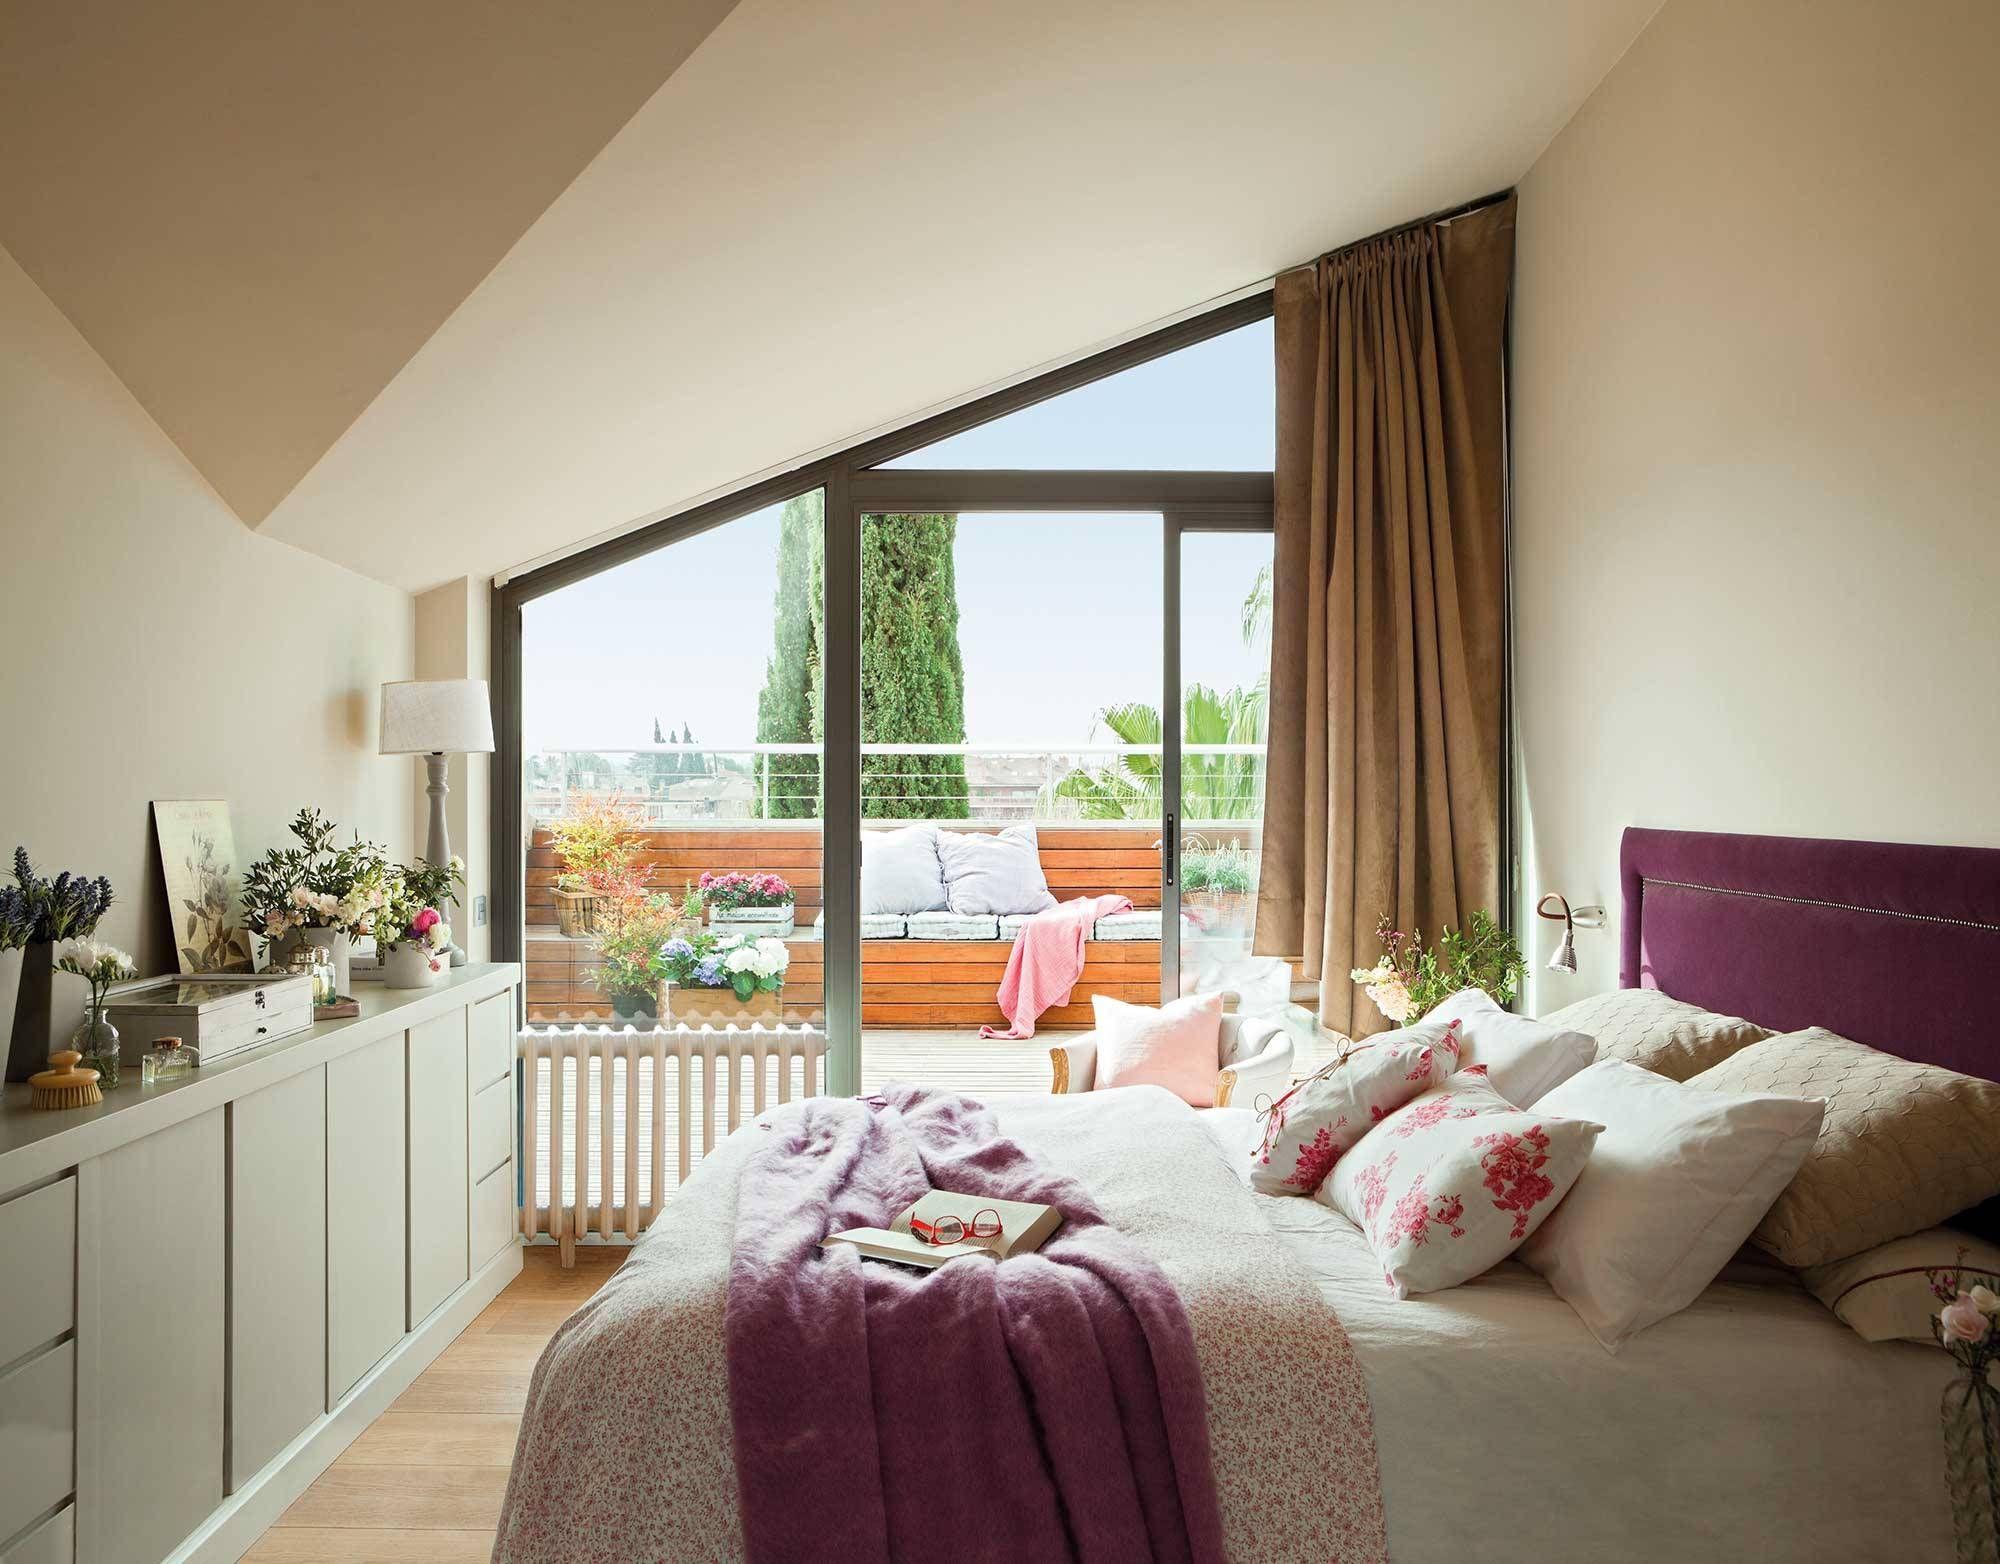 Un Dormitorio Para Disfrutar Del Exterior Todo El Ano Dormitorios Decoracion De La Habitacion Cuartos